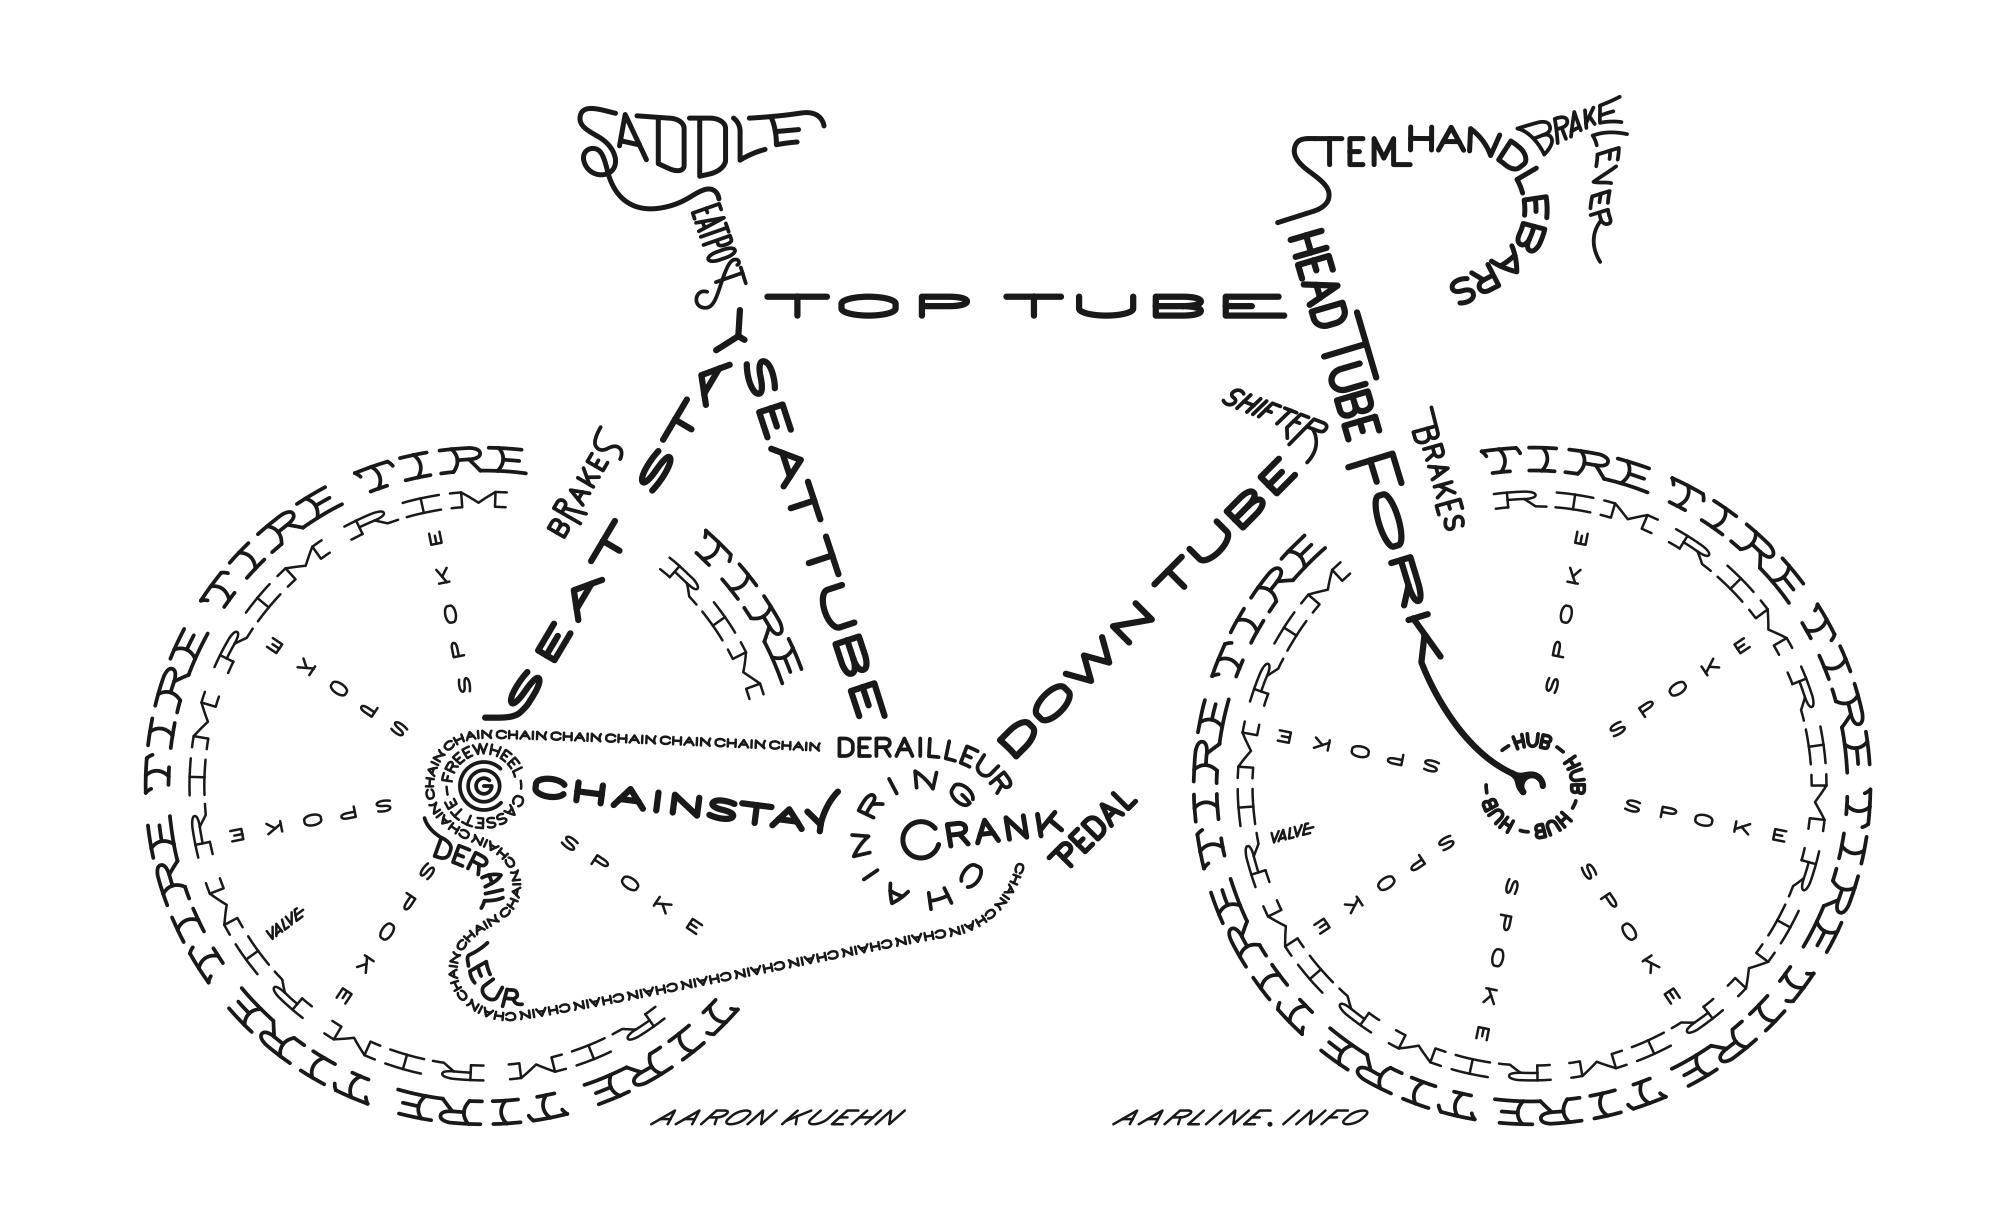 Bike shed melbourne